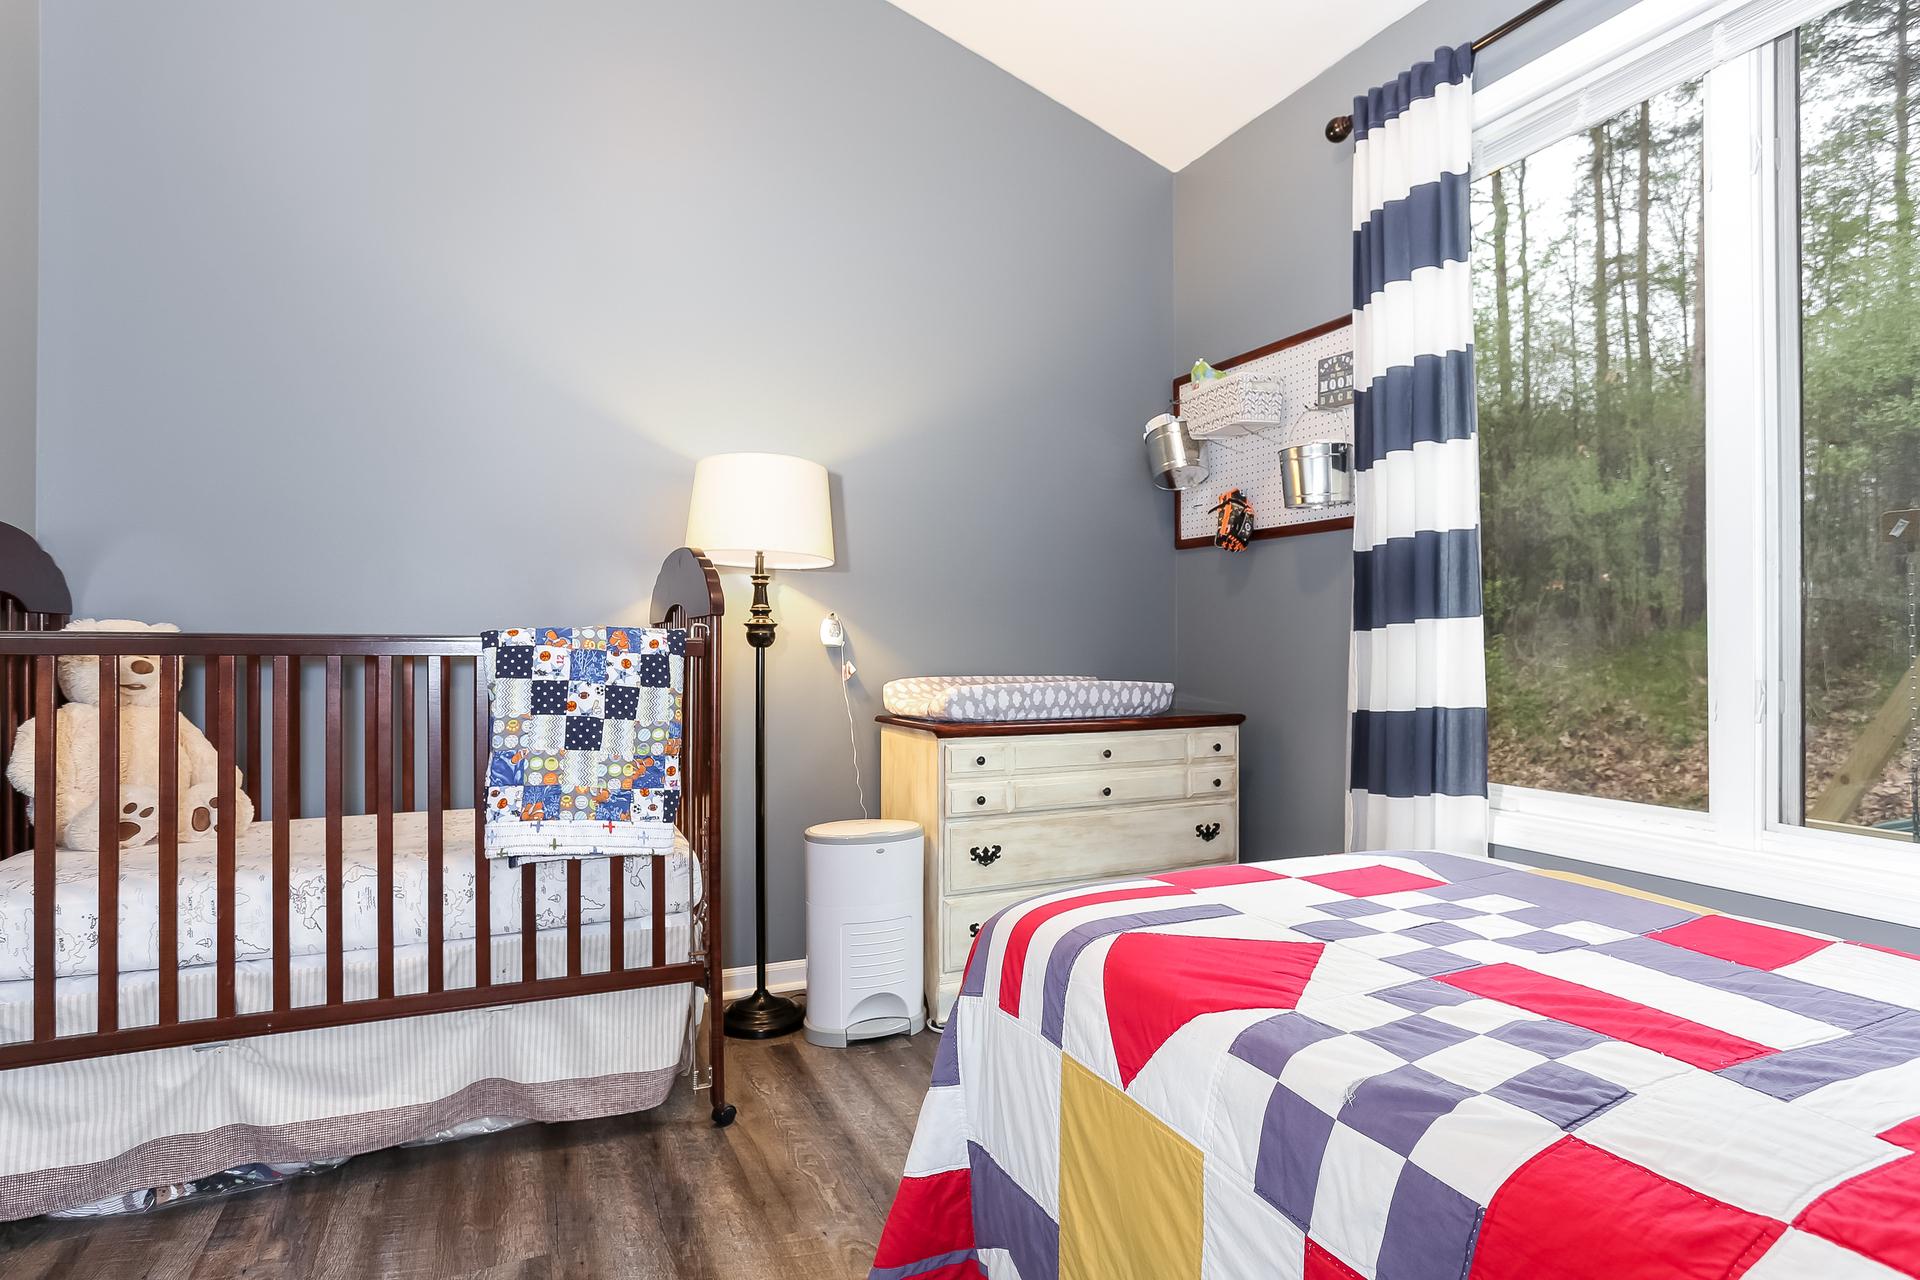 027-Bedroom-5738482-medium.jpg